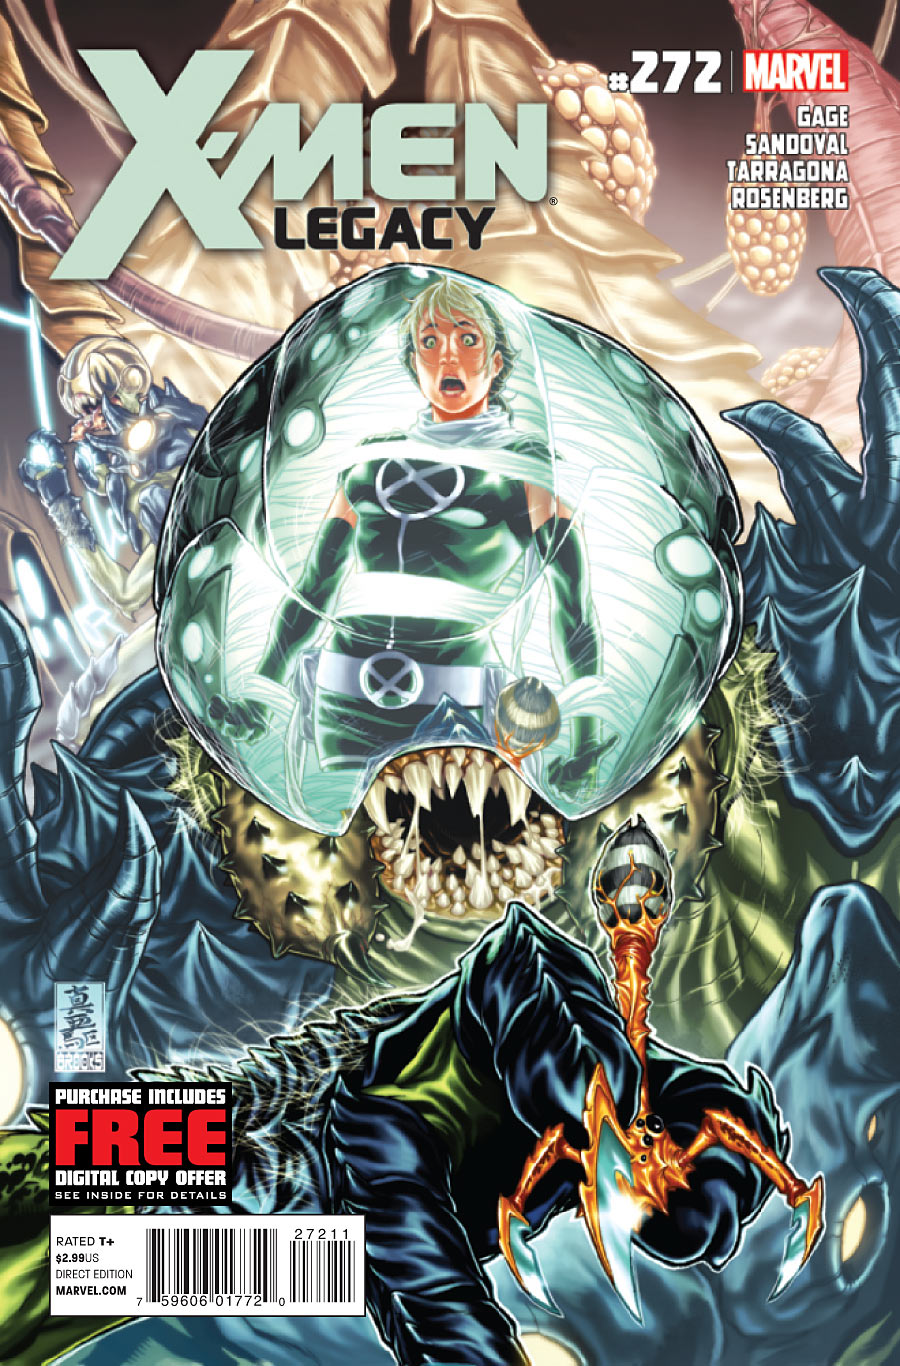 X-Men: Legacy #272